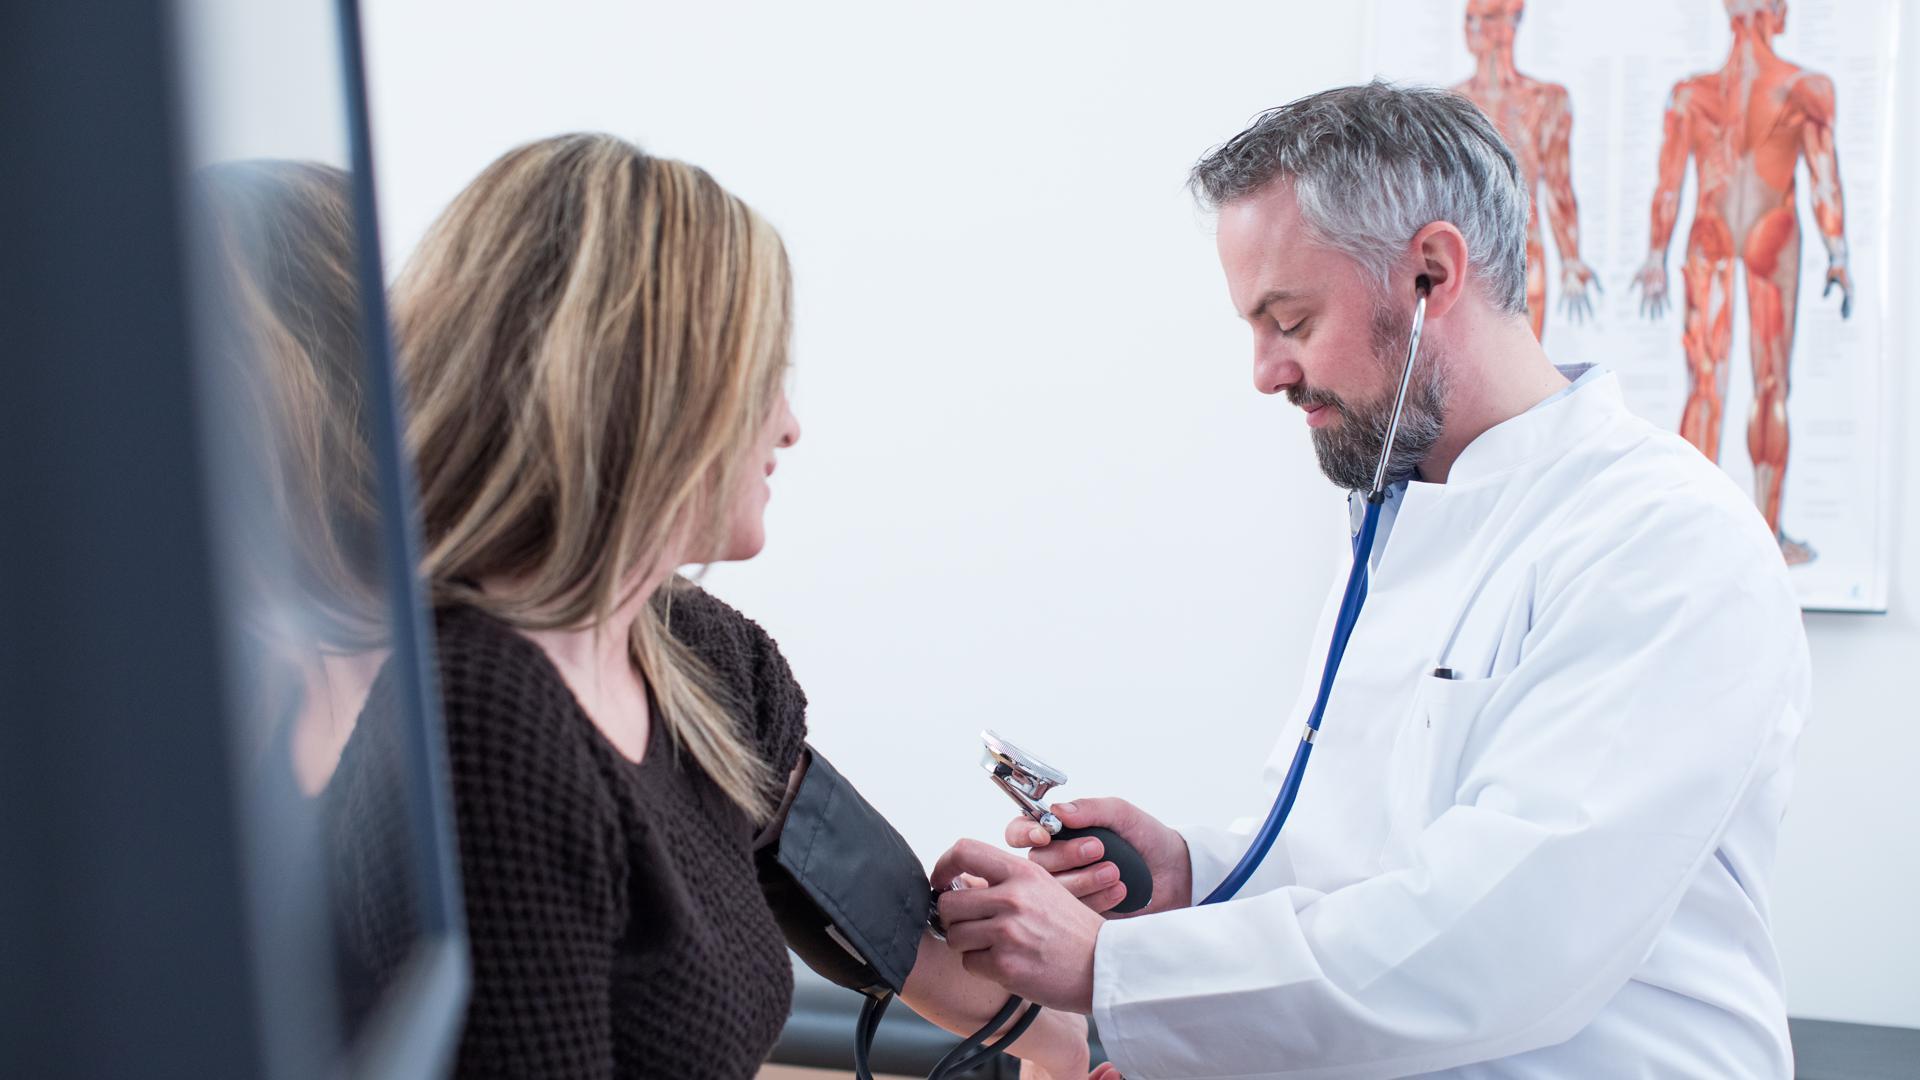 ILLUSTRATION - Zum Themendienst-Bericht von Christina Bachmann vom 11. November 2020: Regelmäßig überprüfen lassen:Der Blutdruck ist elementar wichtig für die Gesundheit - zu hoch darf er nicht sein. Zu niedrig übrigens auch nicht. Foto: Christin Klose/dpa-tmn - Honorarfrei nur für Bezieher des dpa-Themendienstes +++ dpa-Themendienst +++